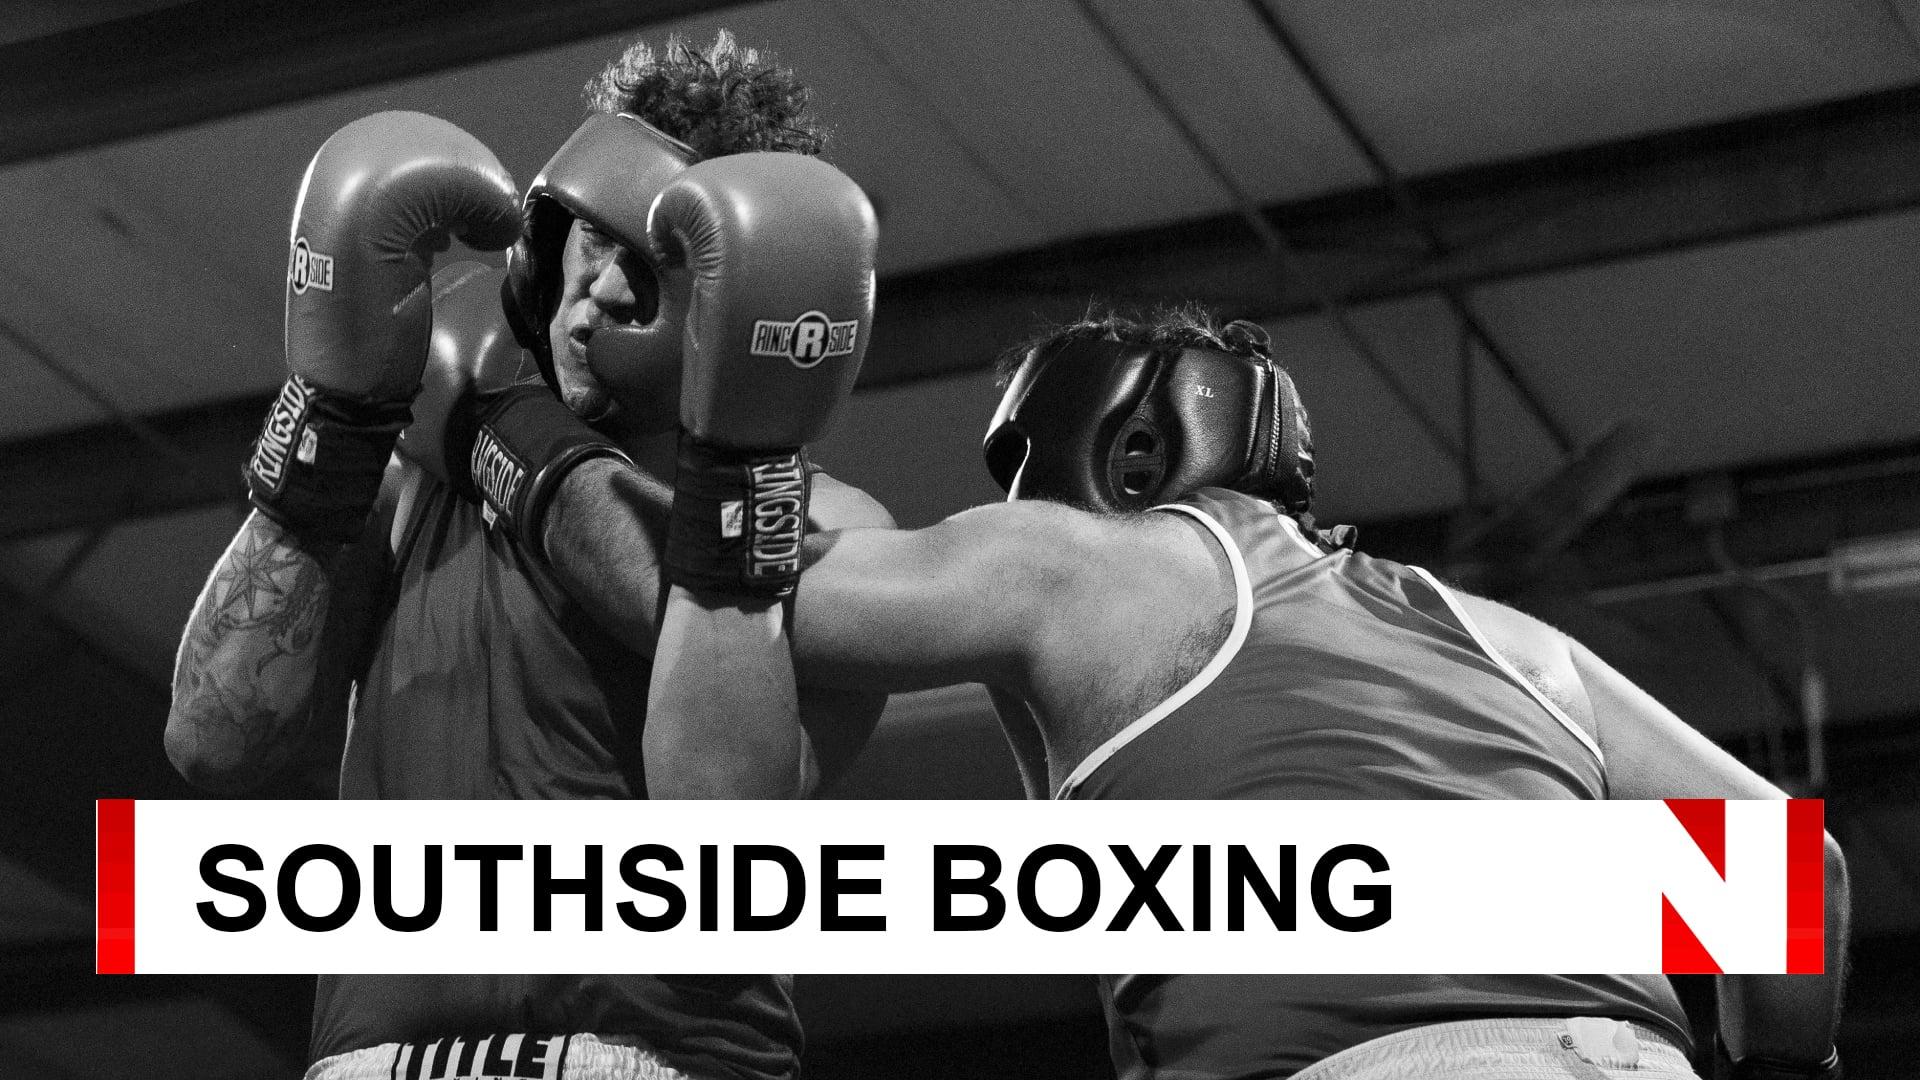 Nebraska News Service - Southside Boxing